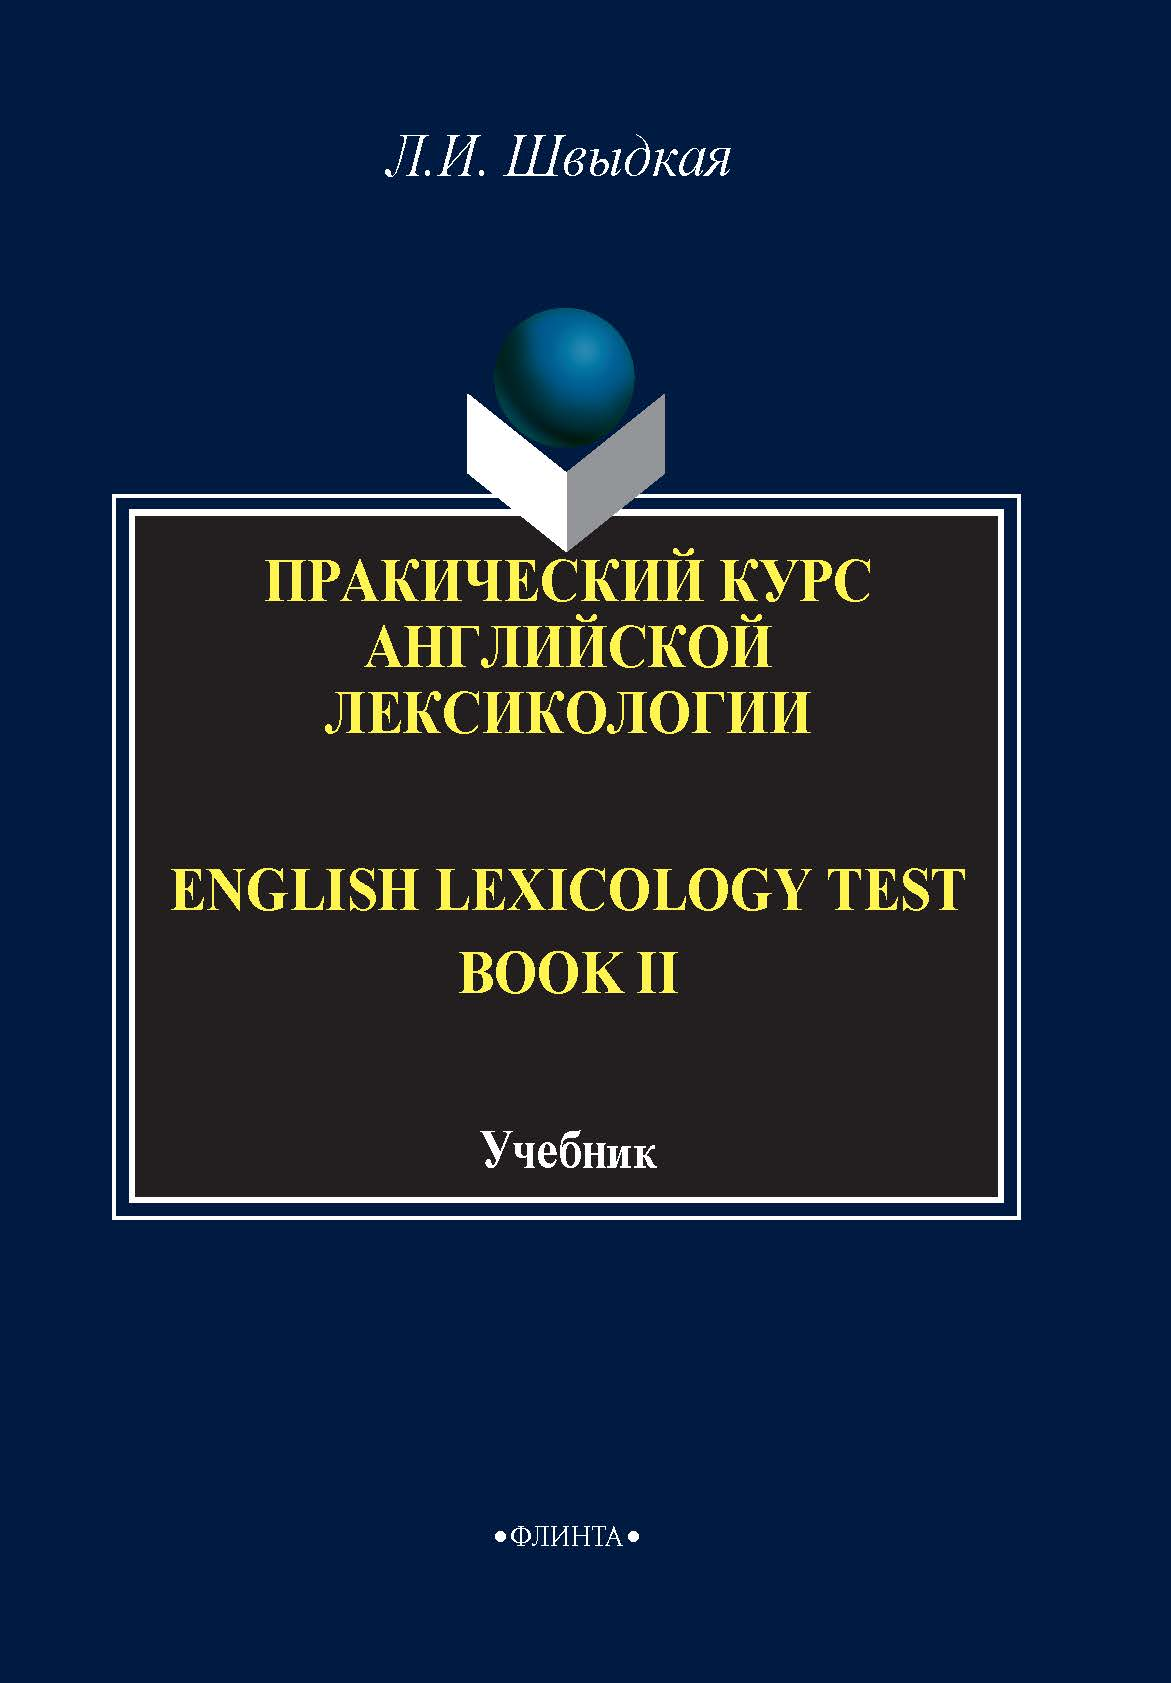 Л. И. Швыдкая English Lexicology Test Book. Практический курс английской лексикологии. Часть II